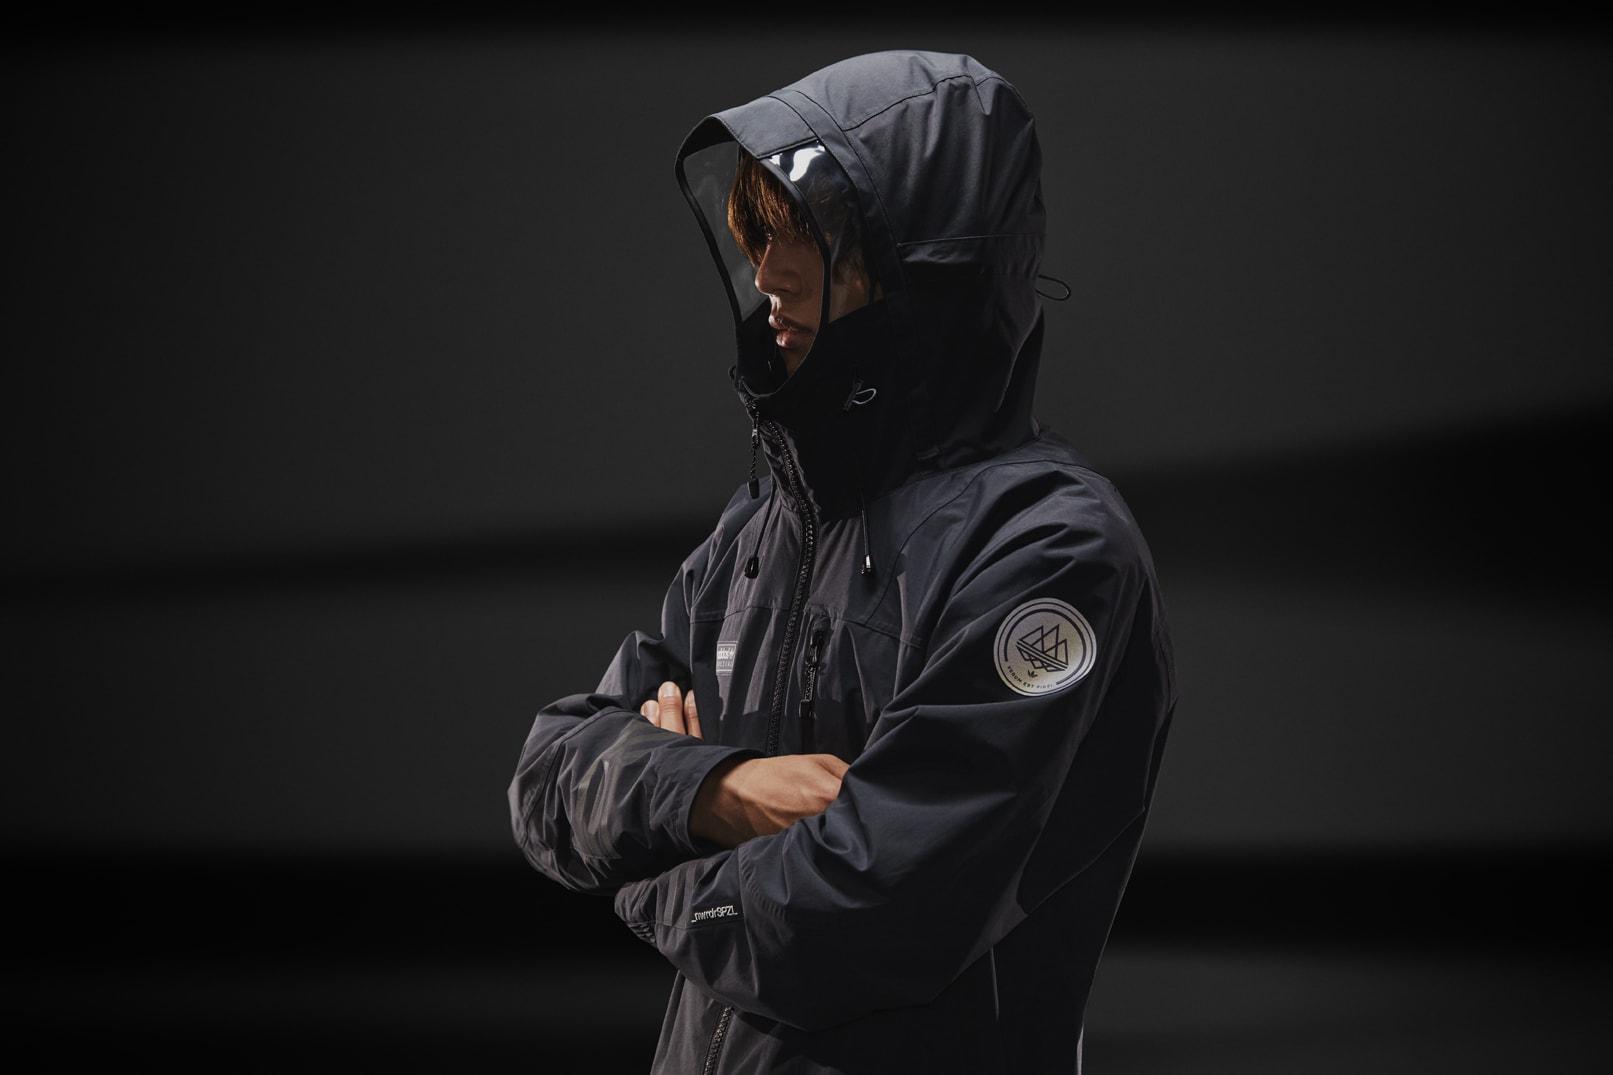 adidas New Order x SPZL Jacket - GK5735